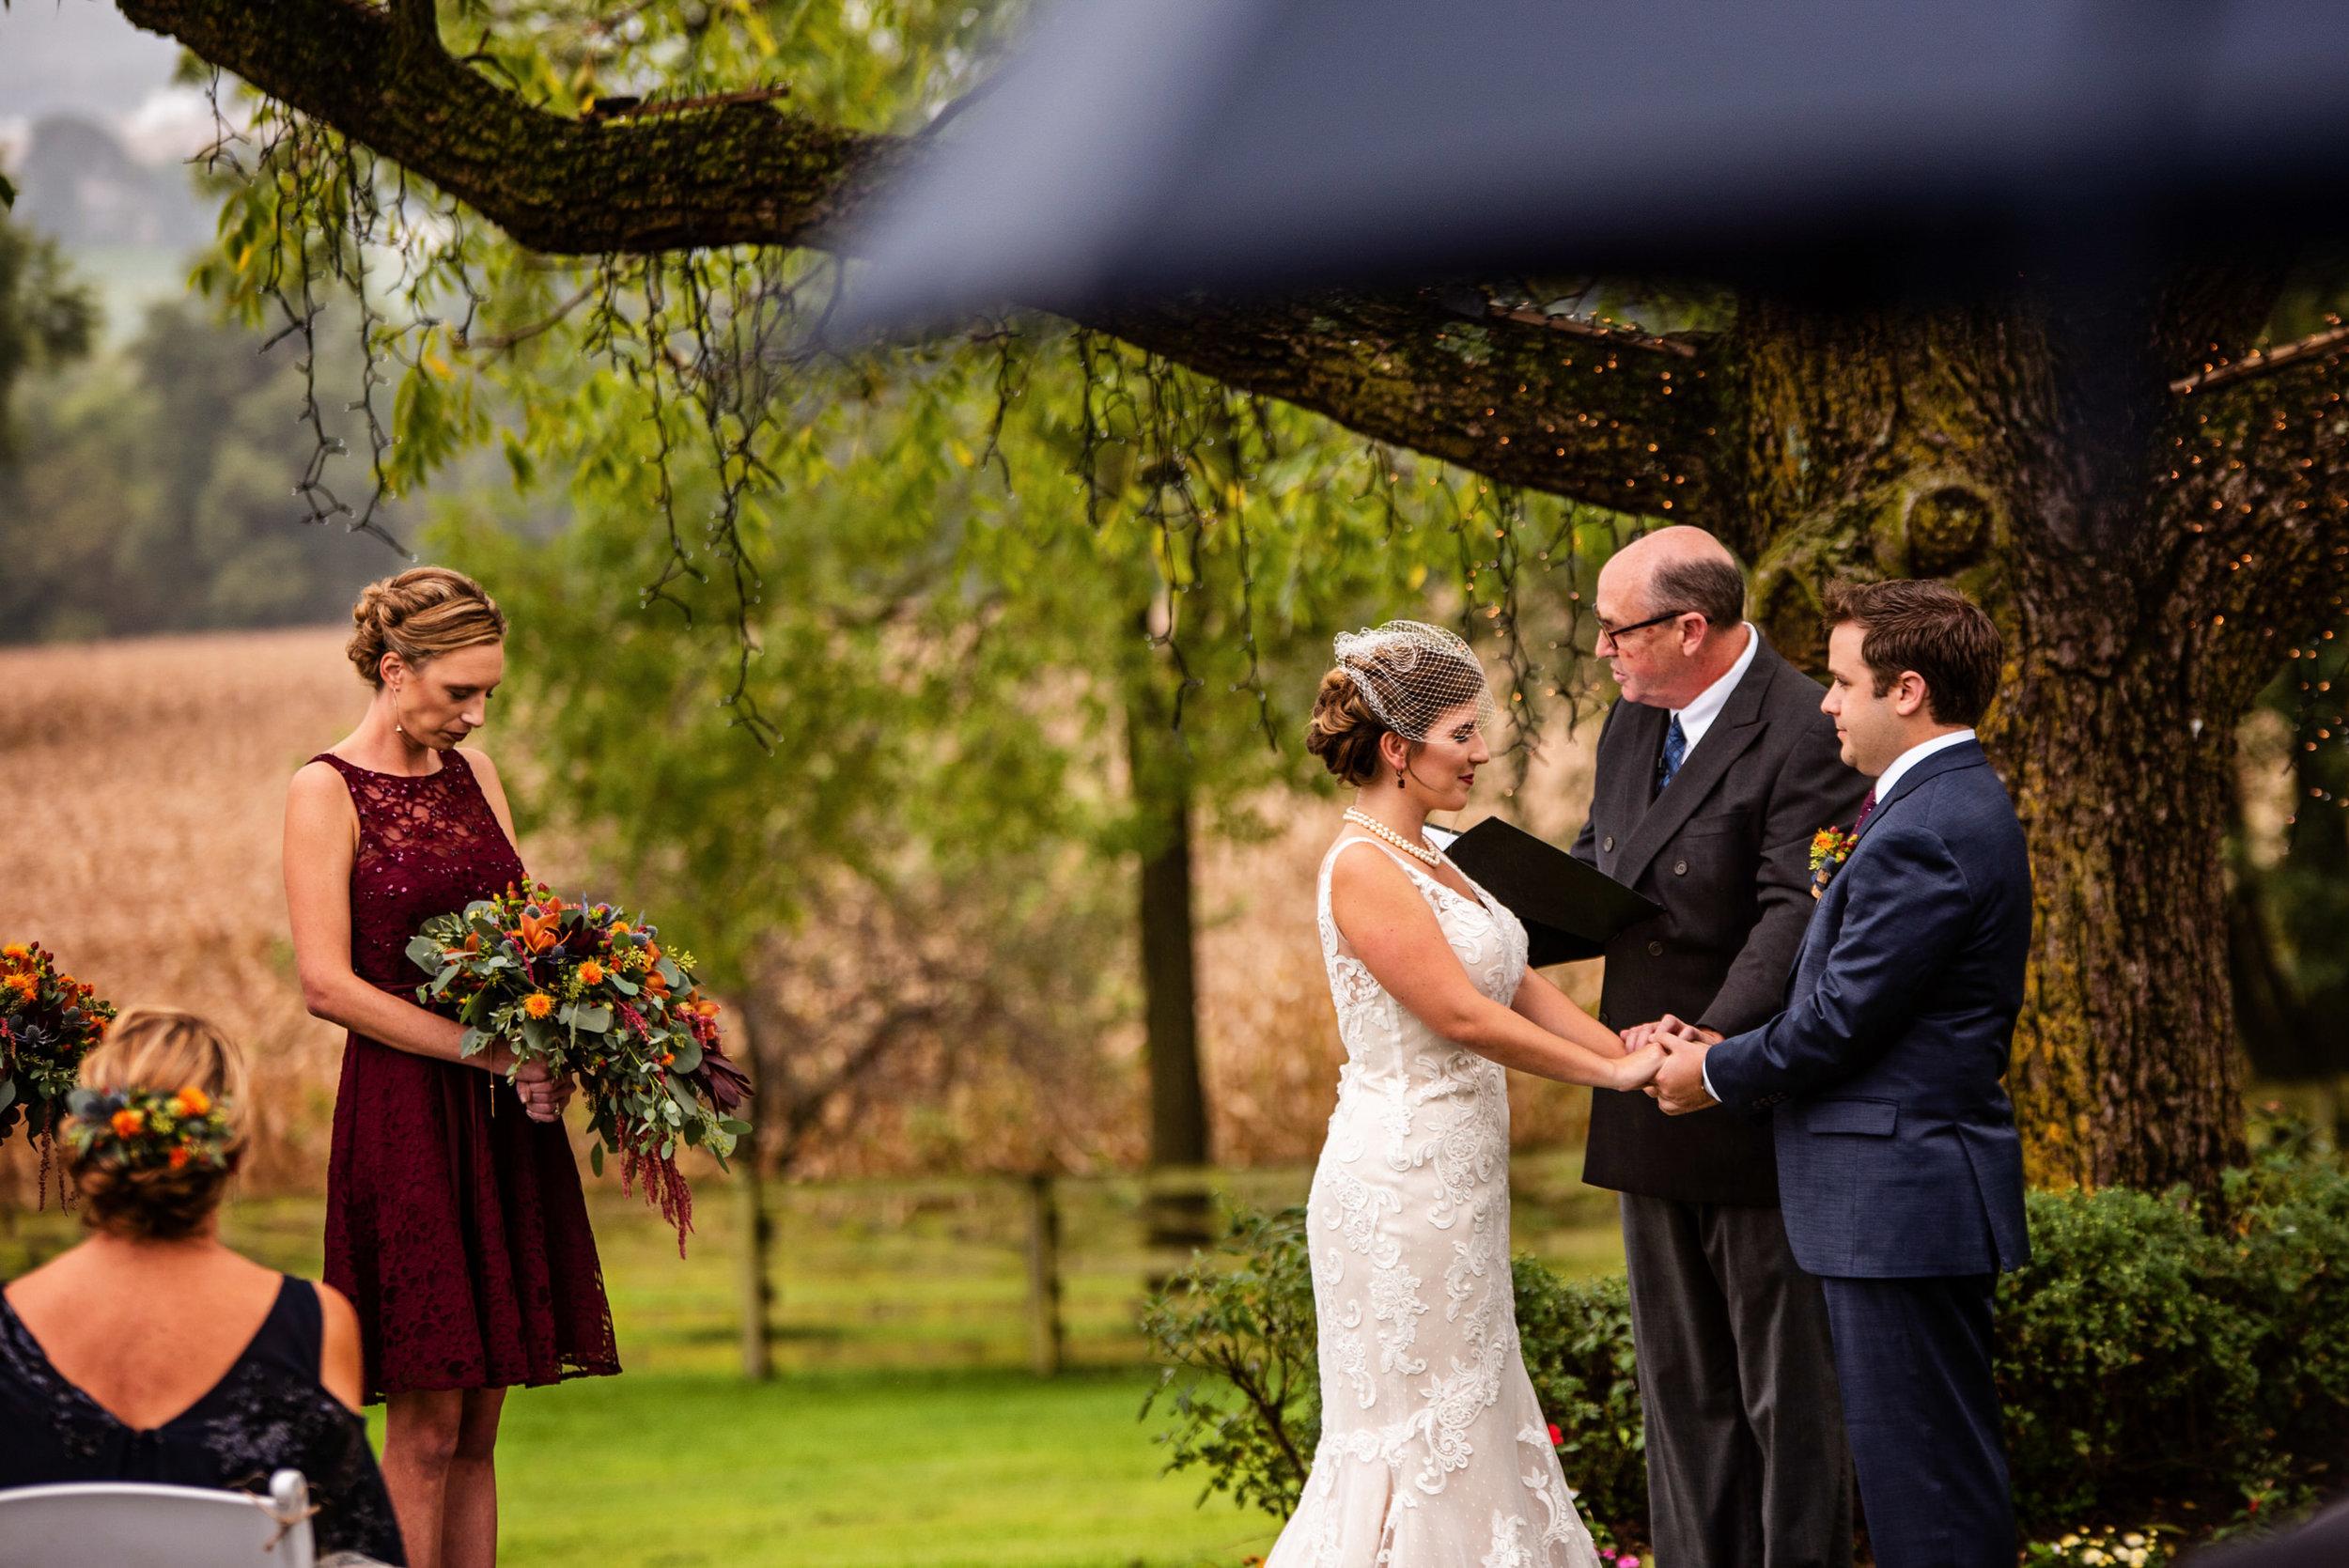 WalkersOverlookWedding-Angela&Ben-Ceremony-16.jpg